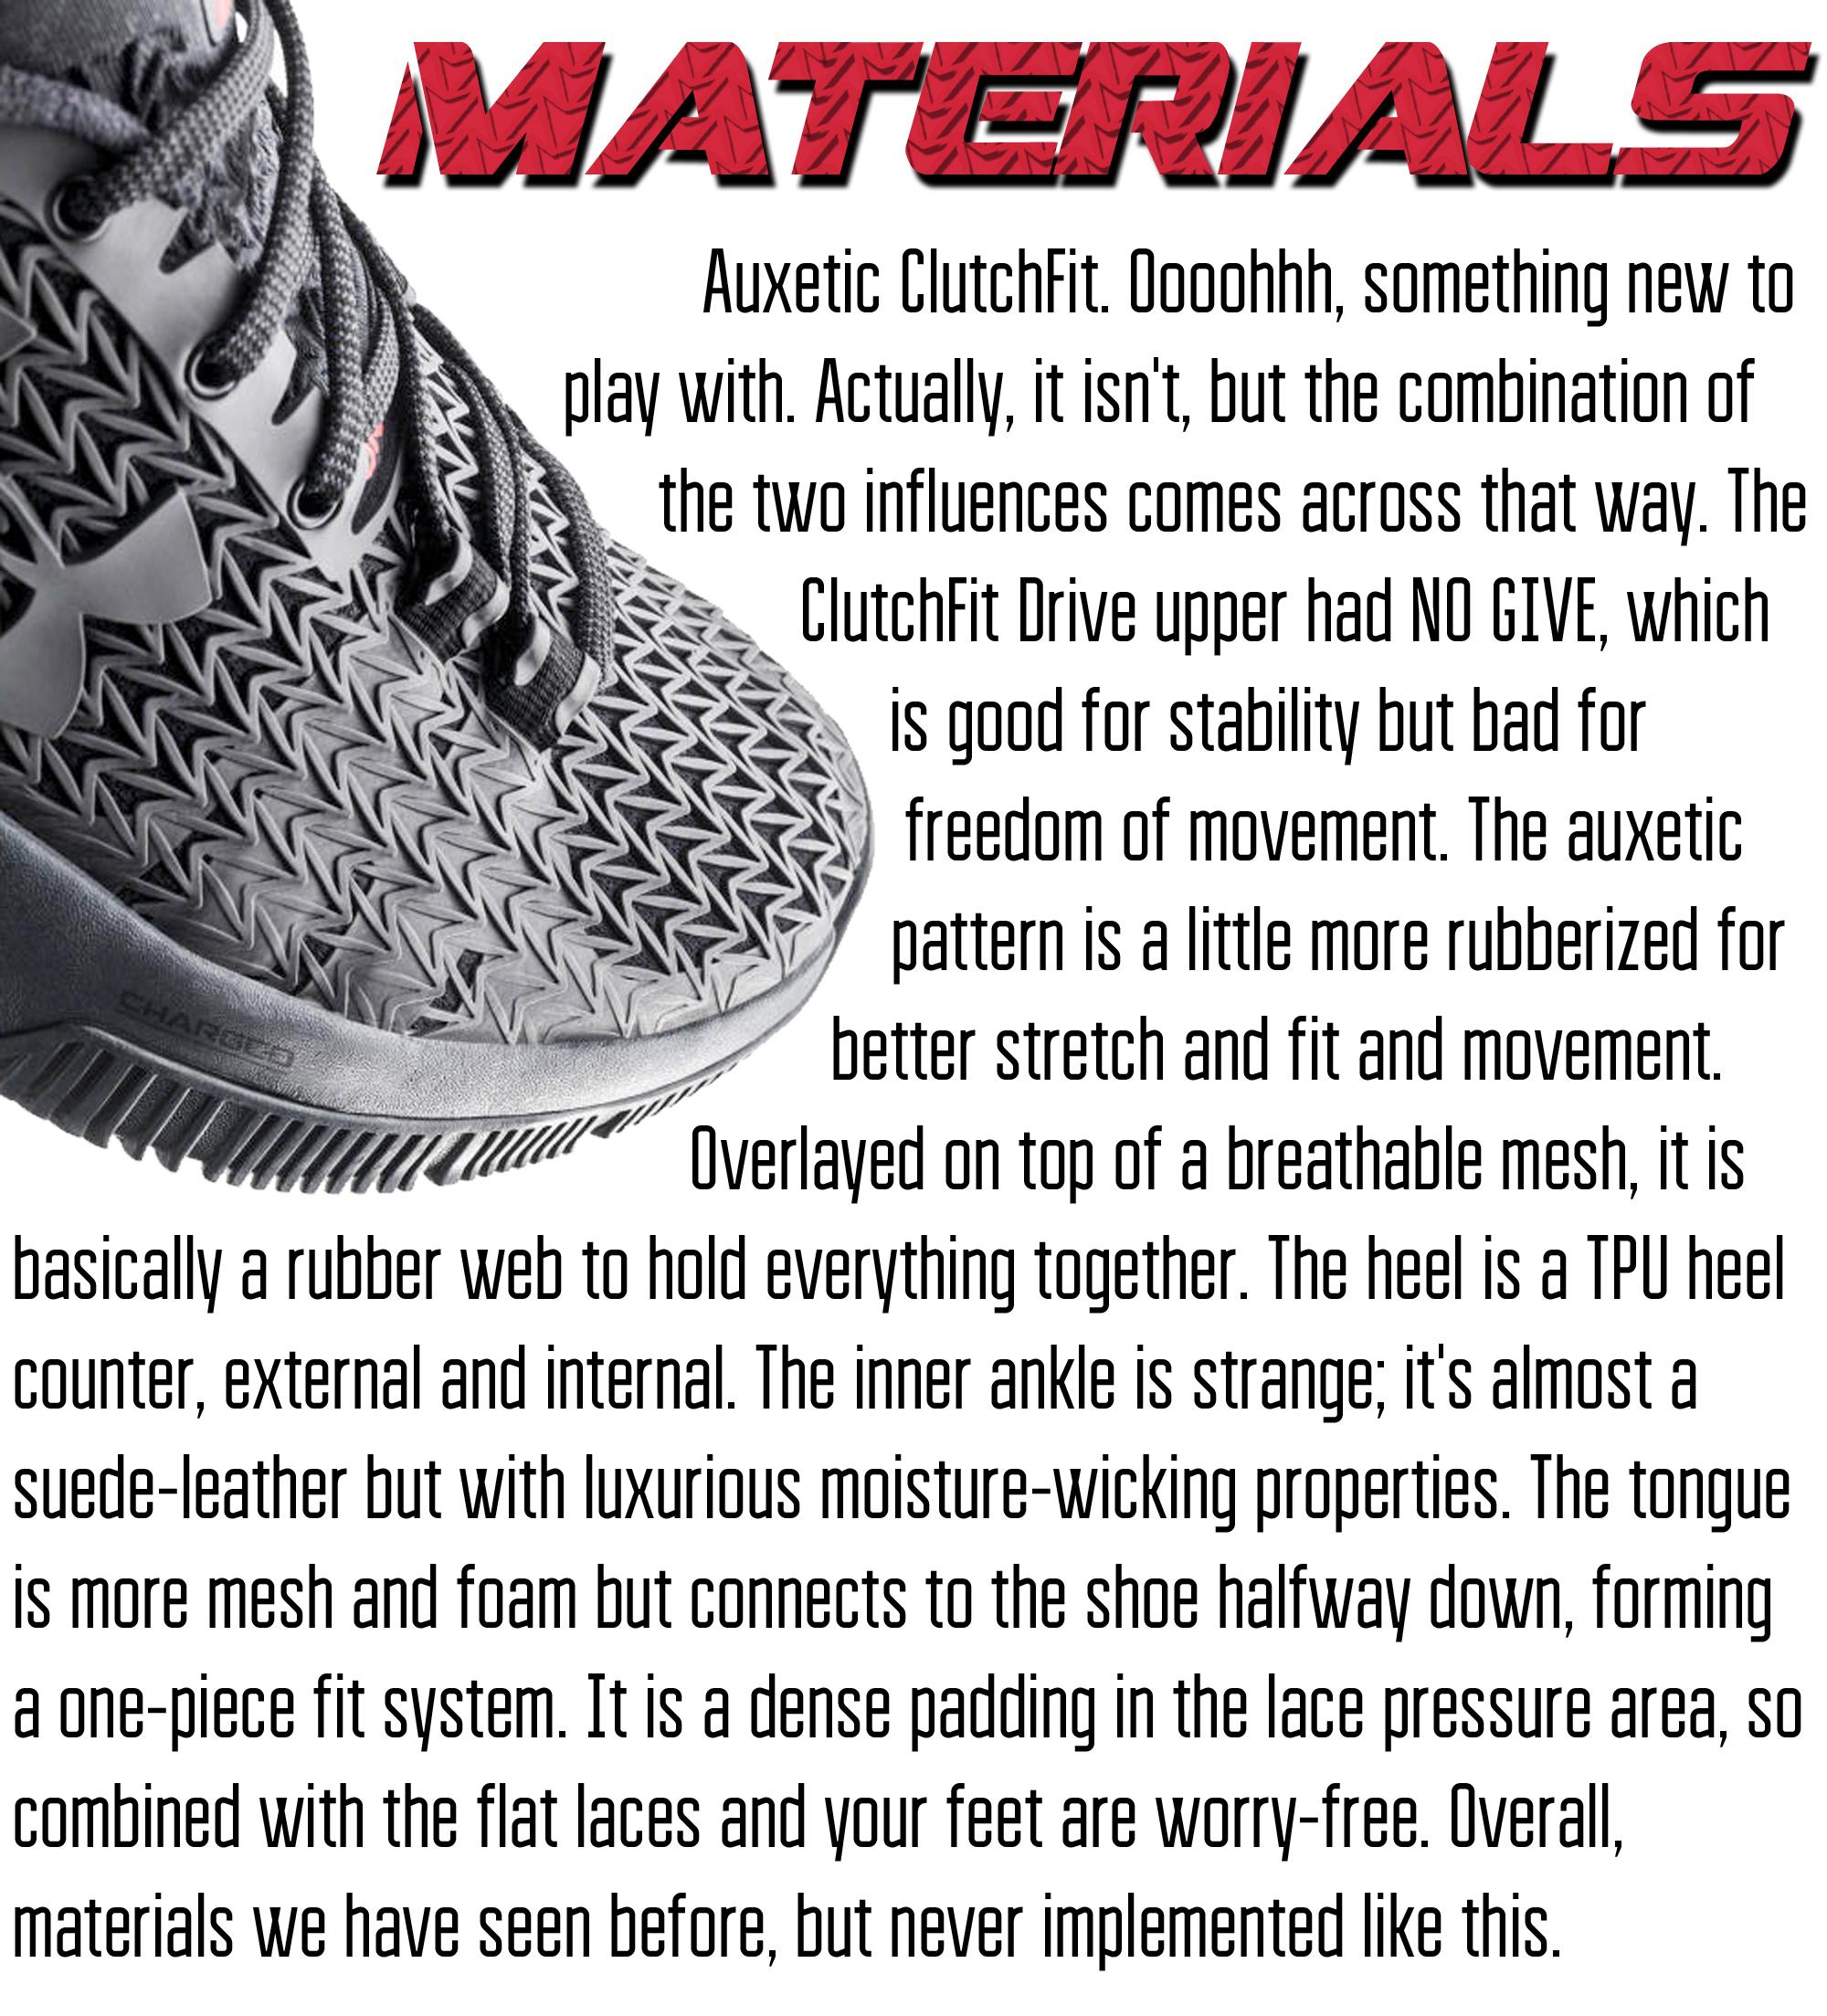 UA Architech - Materials